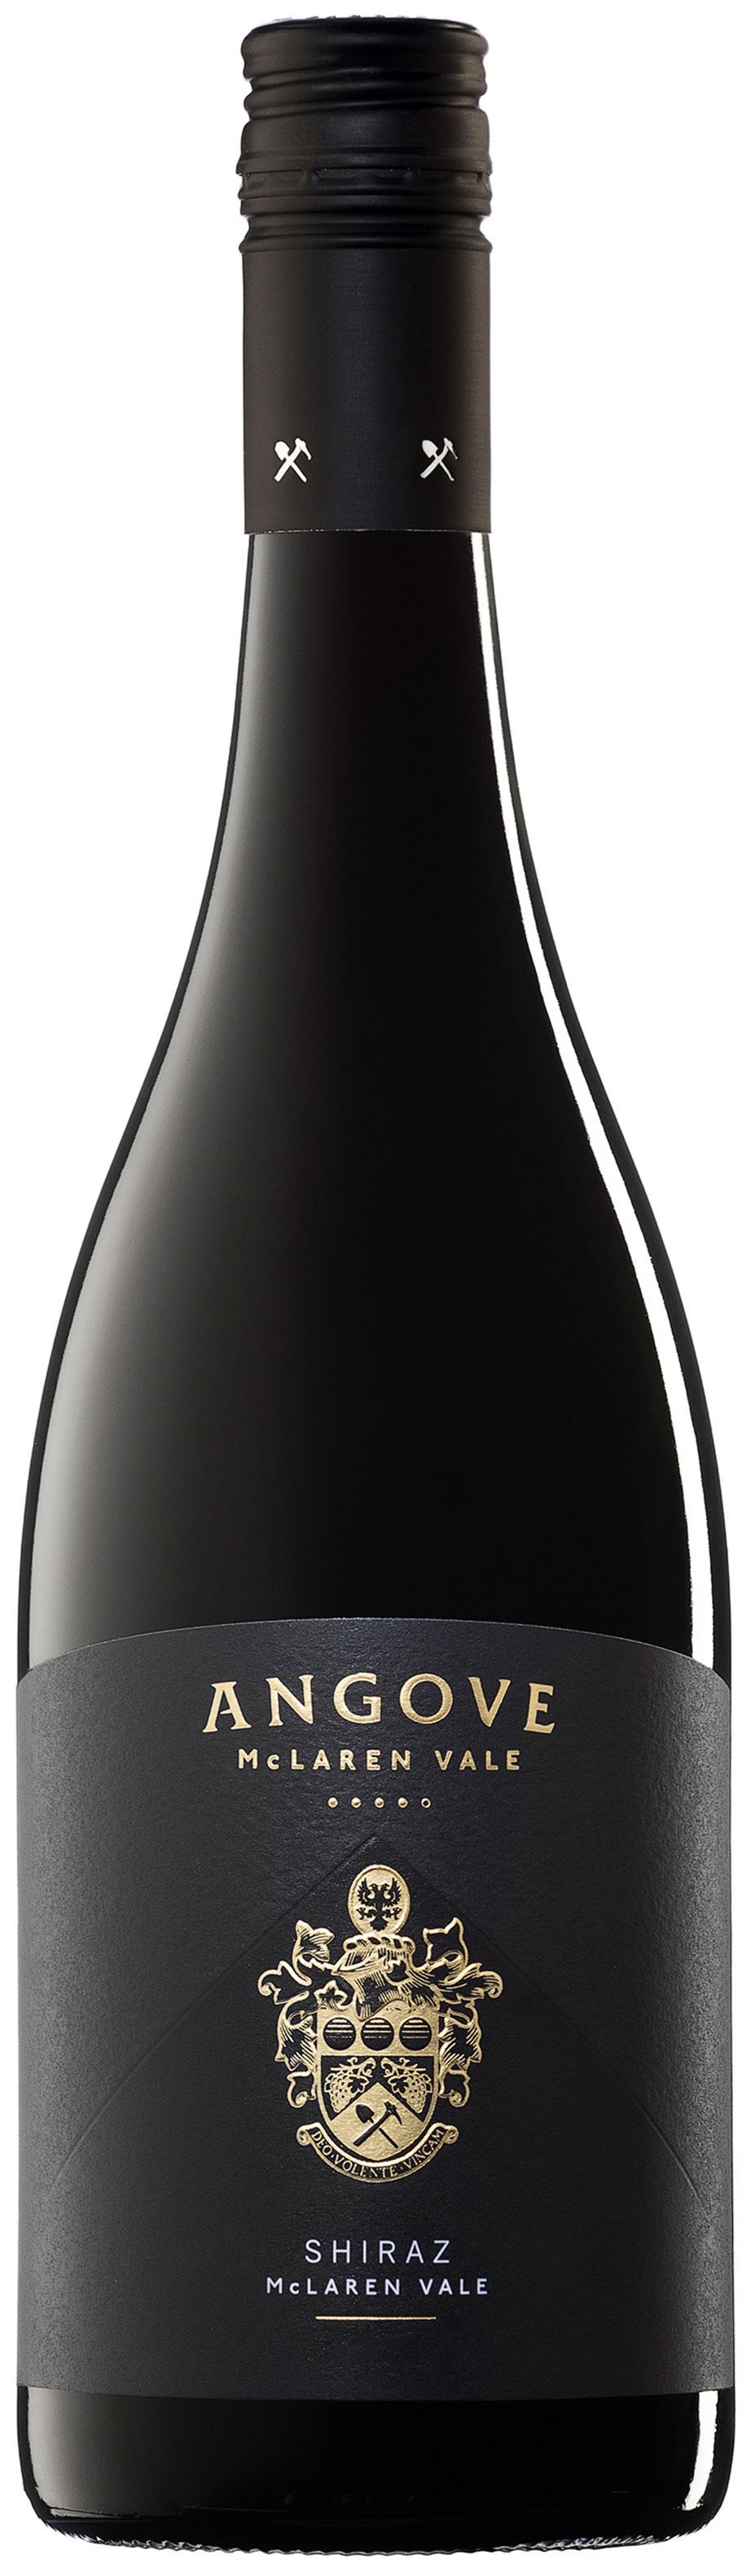 https://vinocorpperu.com/images/vinos/angove/family_crest_shiraz_2018.jpg